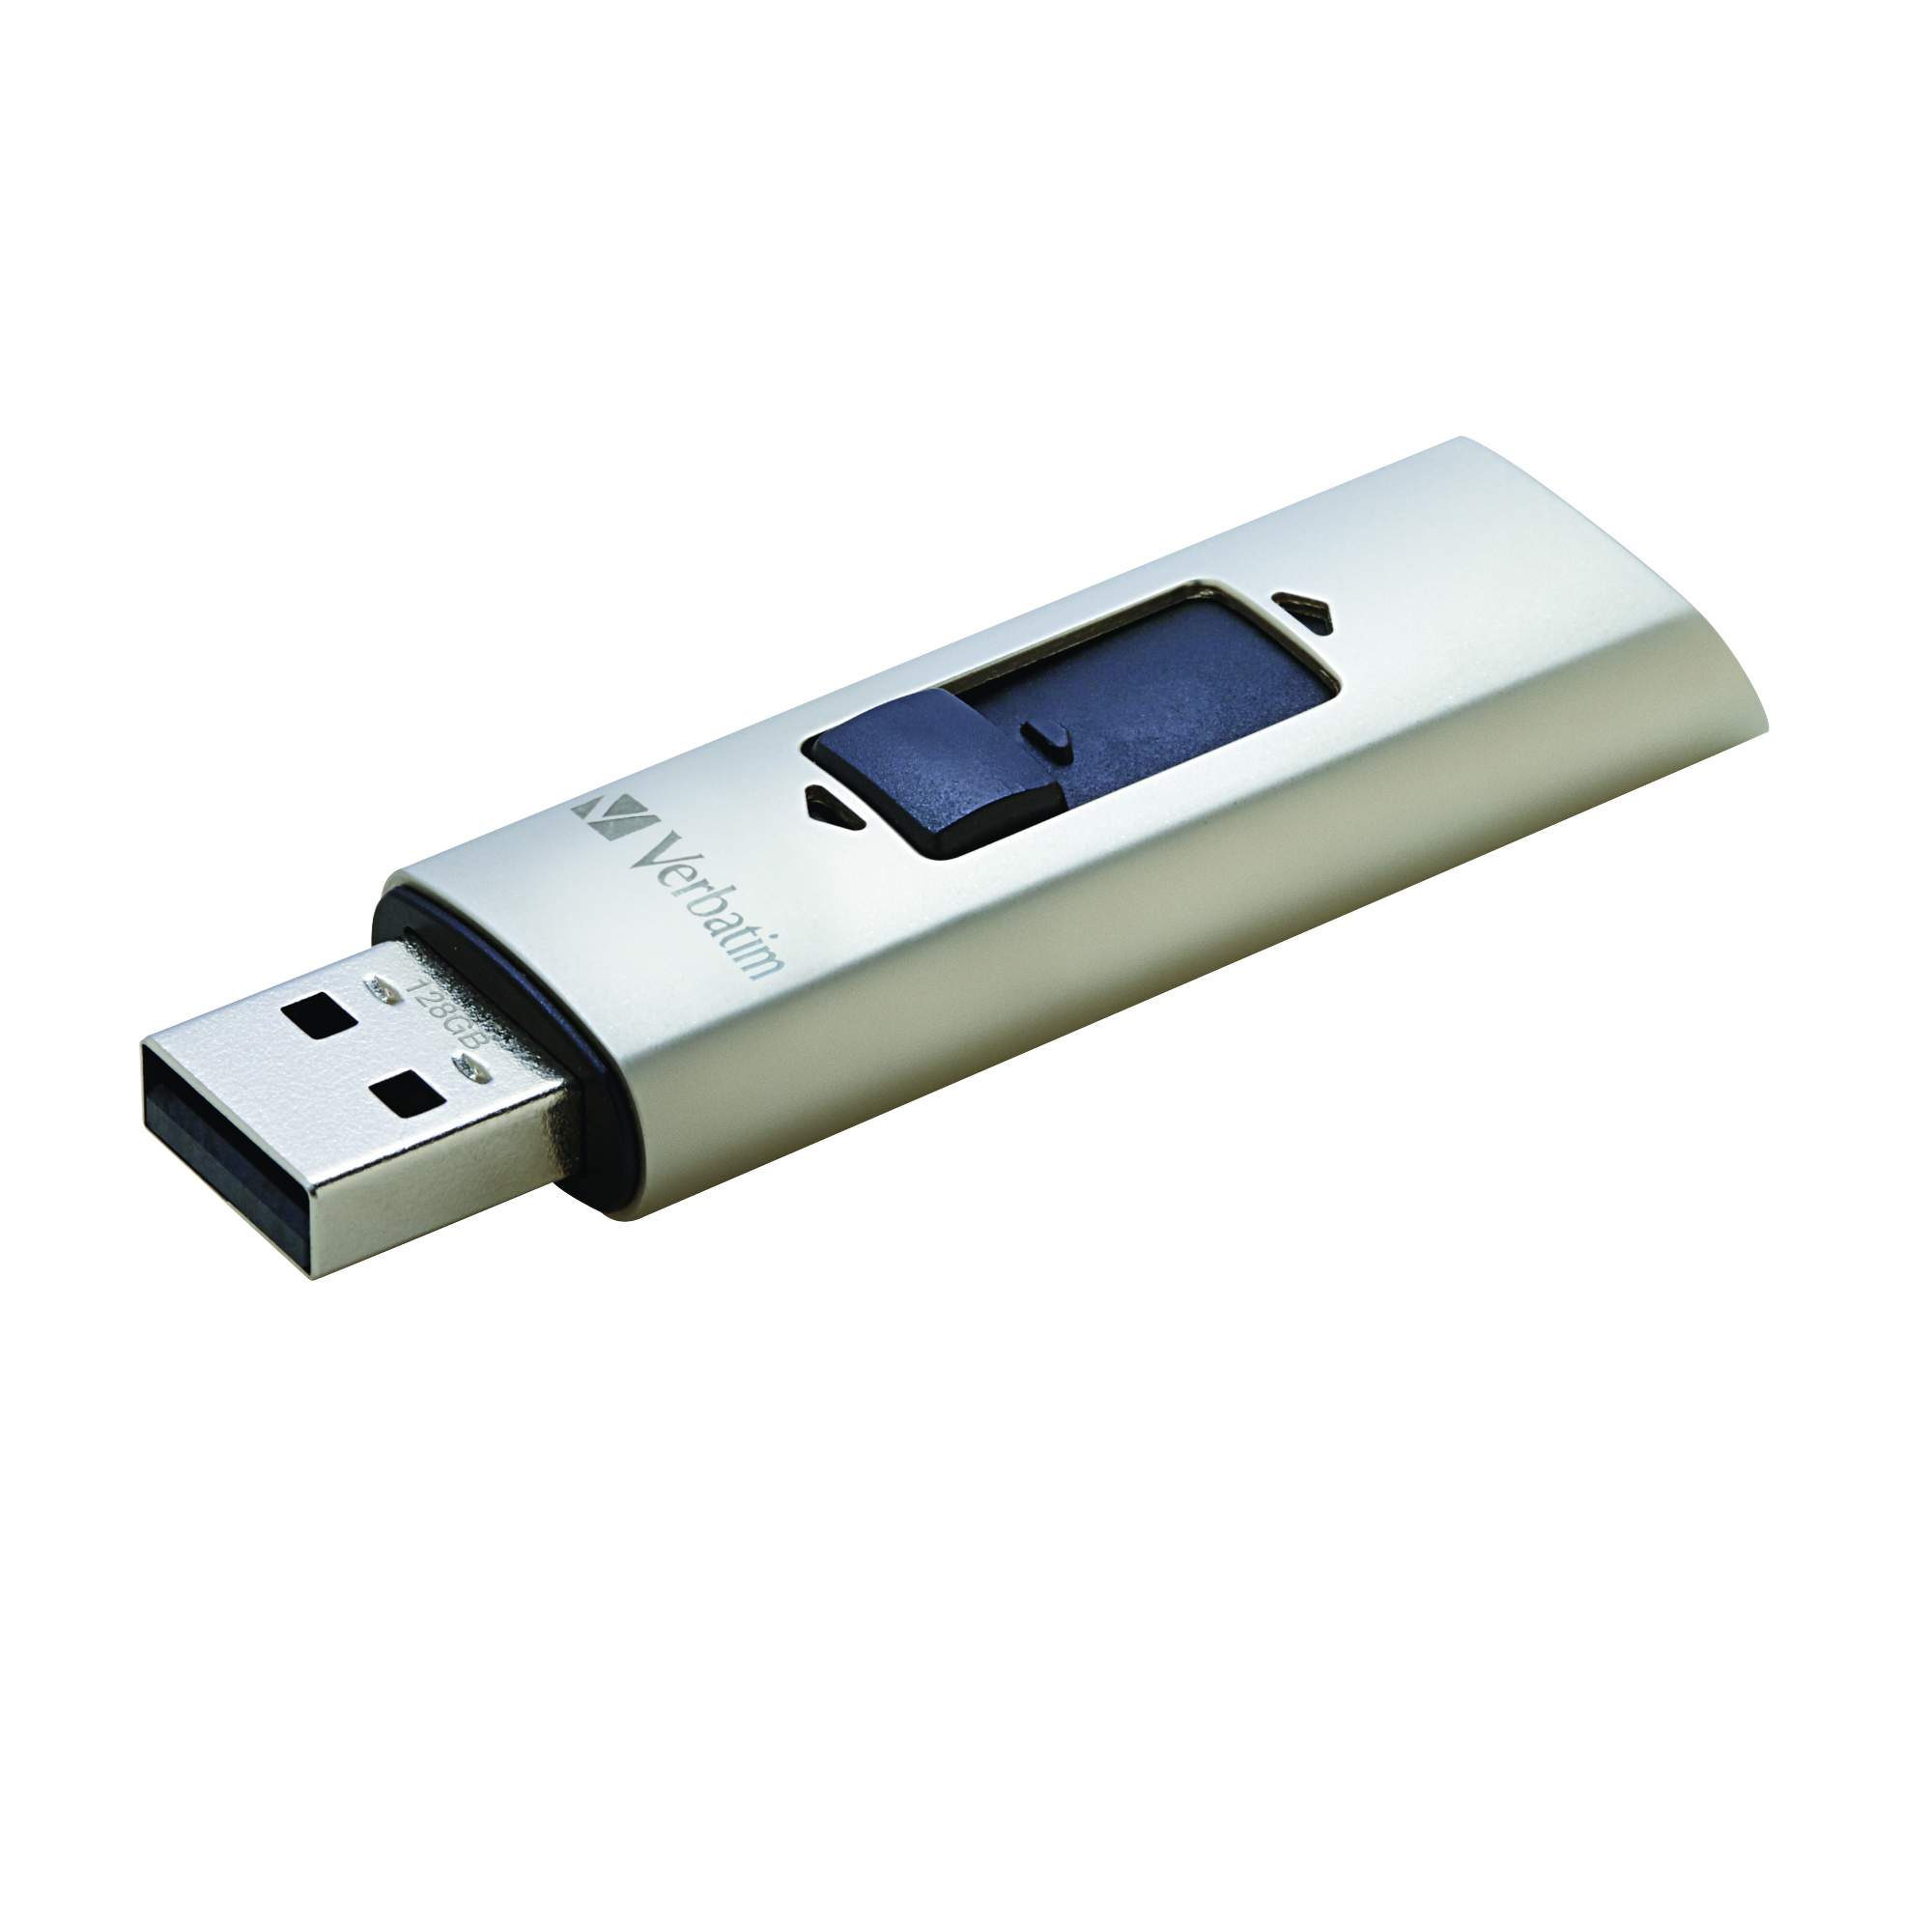 Verbatim Vx400 128GB USB 3.0 (3.1 Gen 1) Type-A Silver USB flash drive